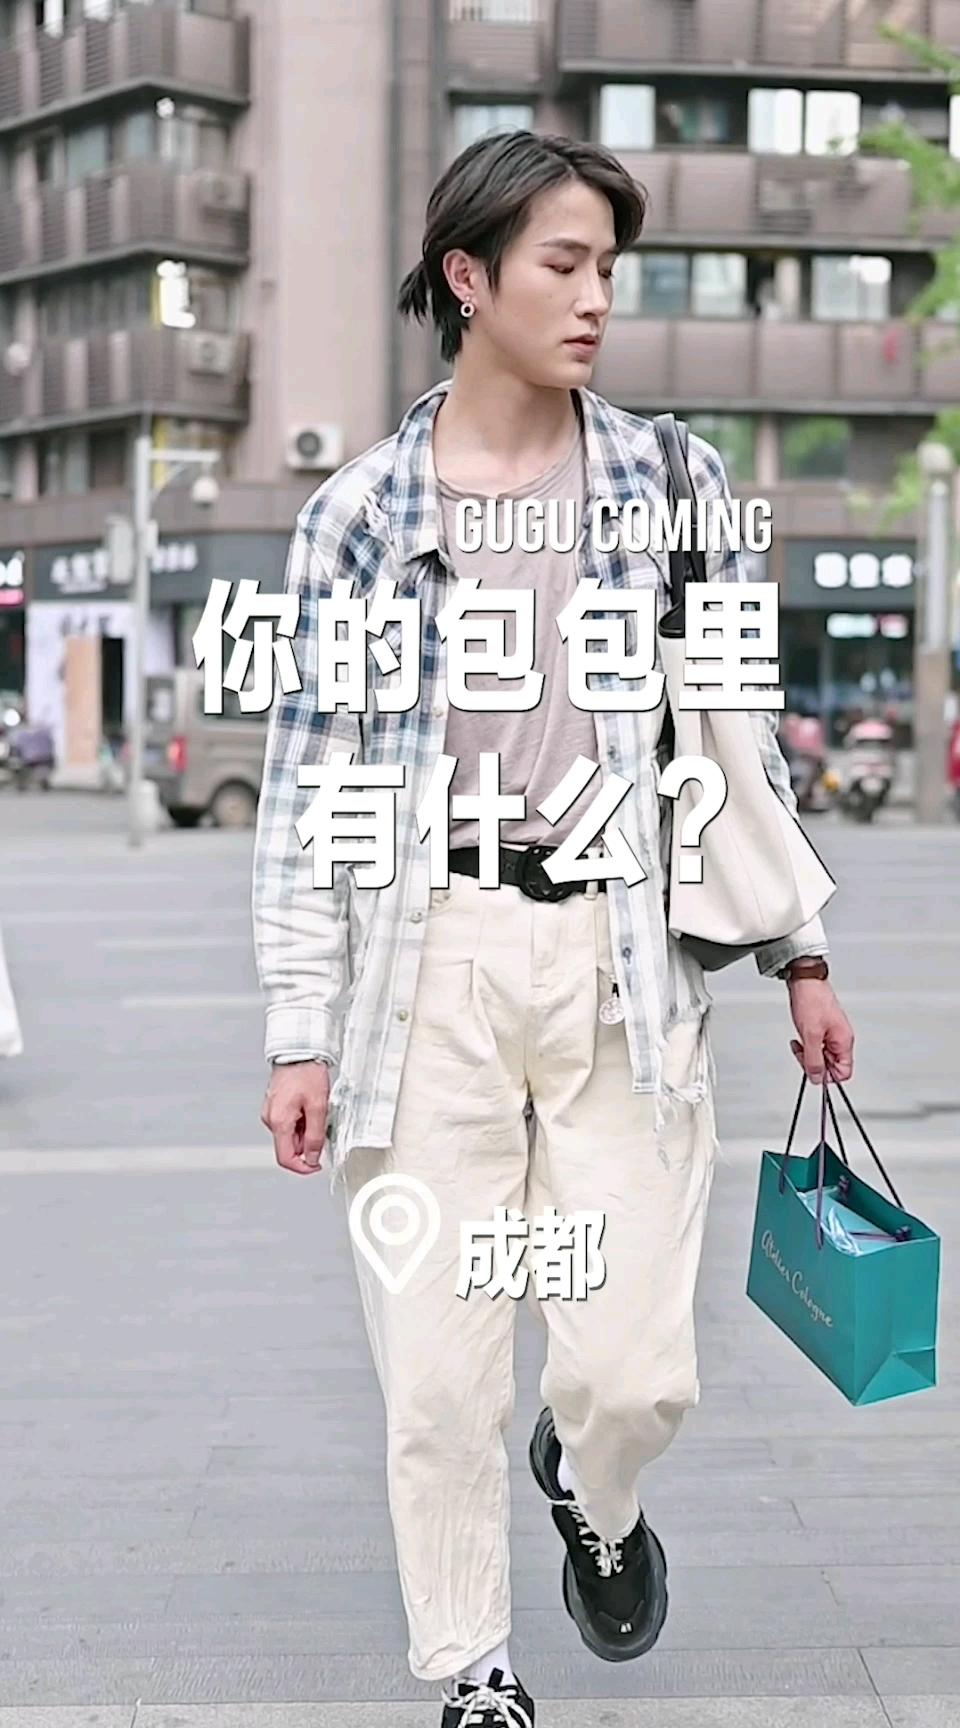 背巴黎世家的小哥哥真的是精致满满~#白白白,夏日要防晒也要好看!# 你们觉得夏天包包里必备的是什么呀?